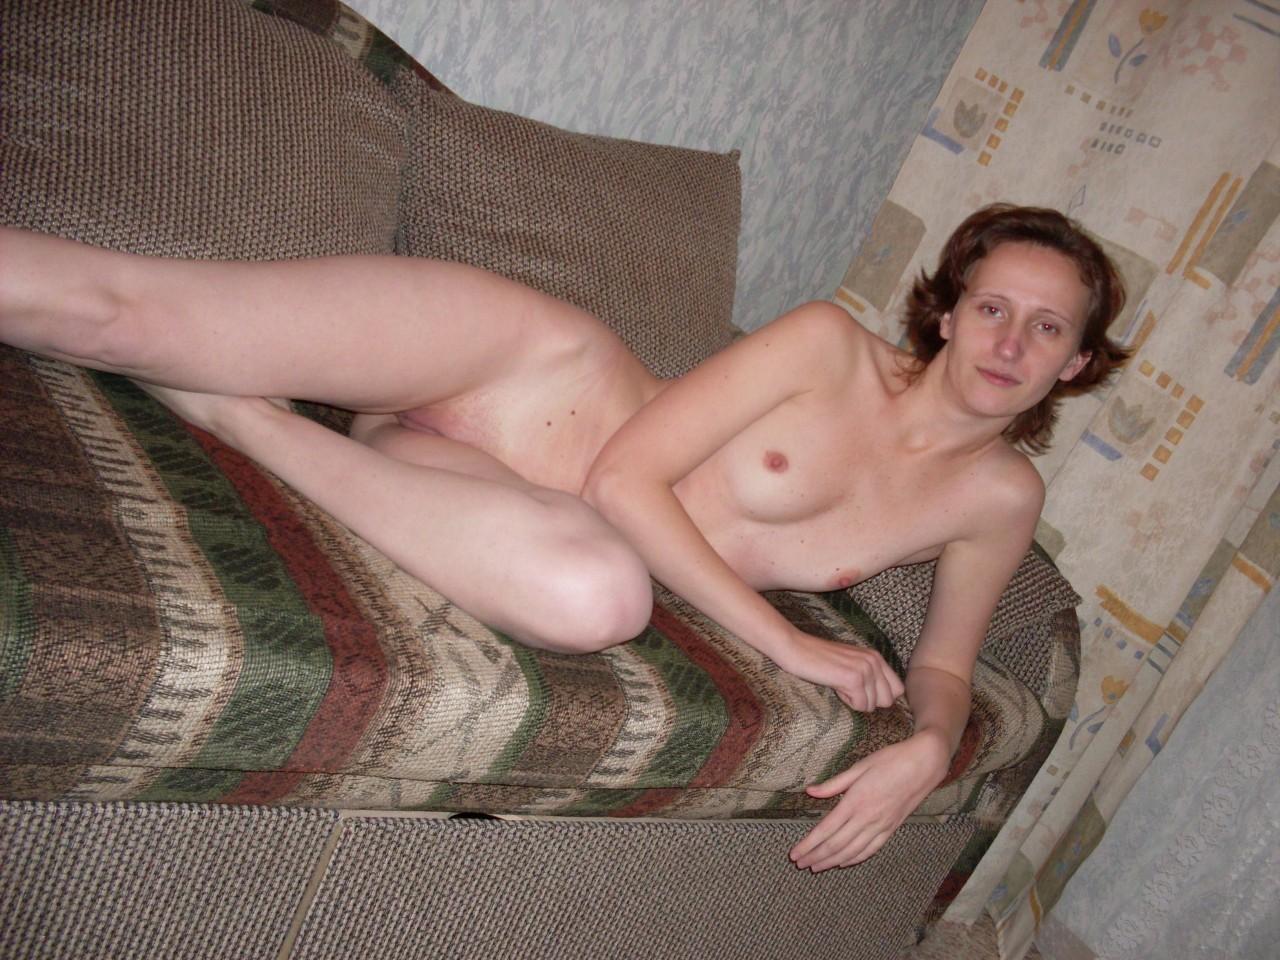 Фото русские жены голые, Частное фото голой жены, домашние фото голых жен 5 фотография